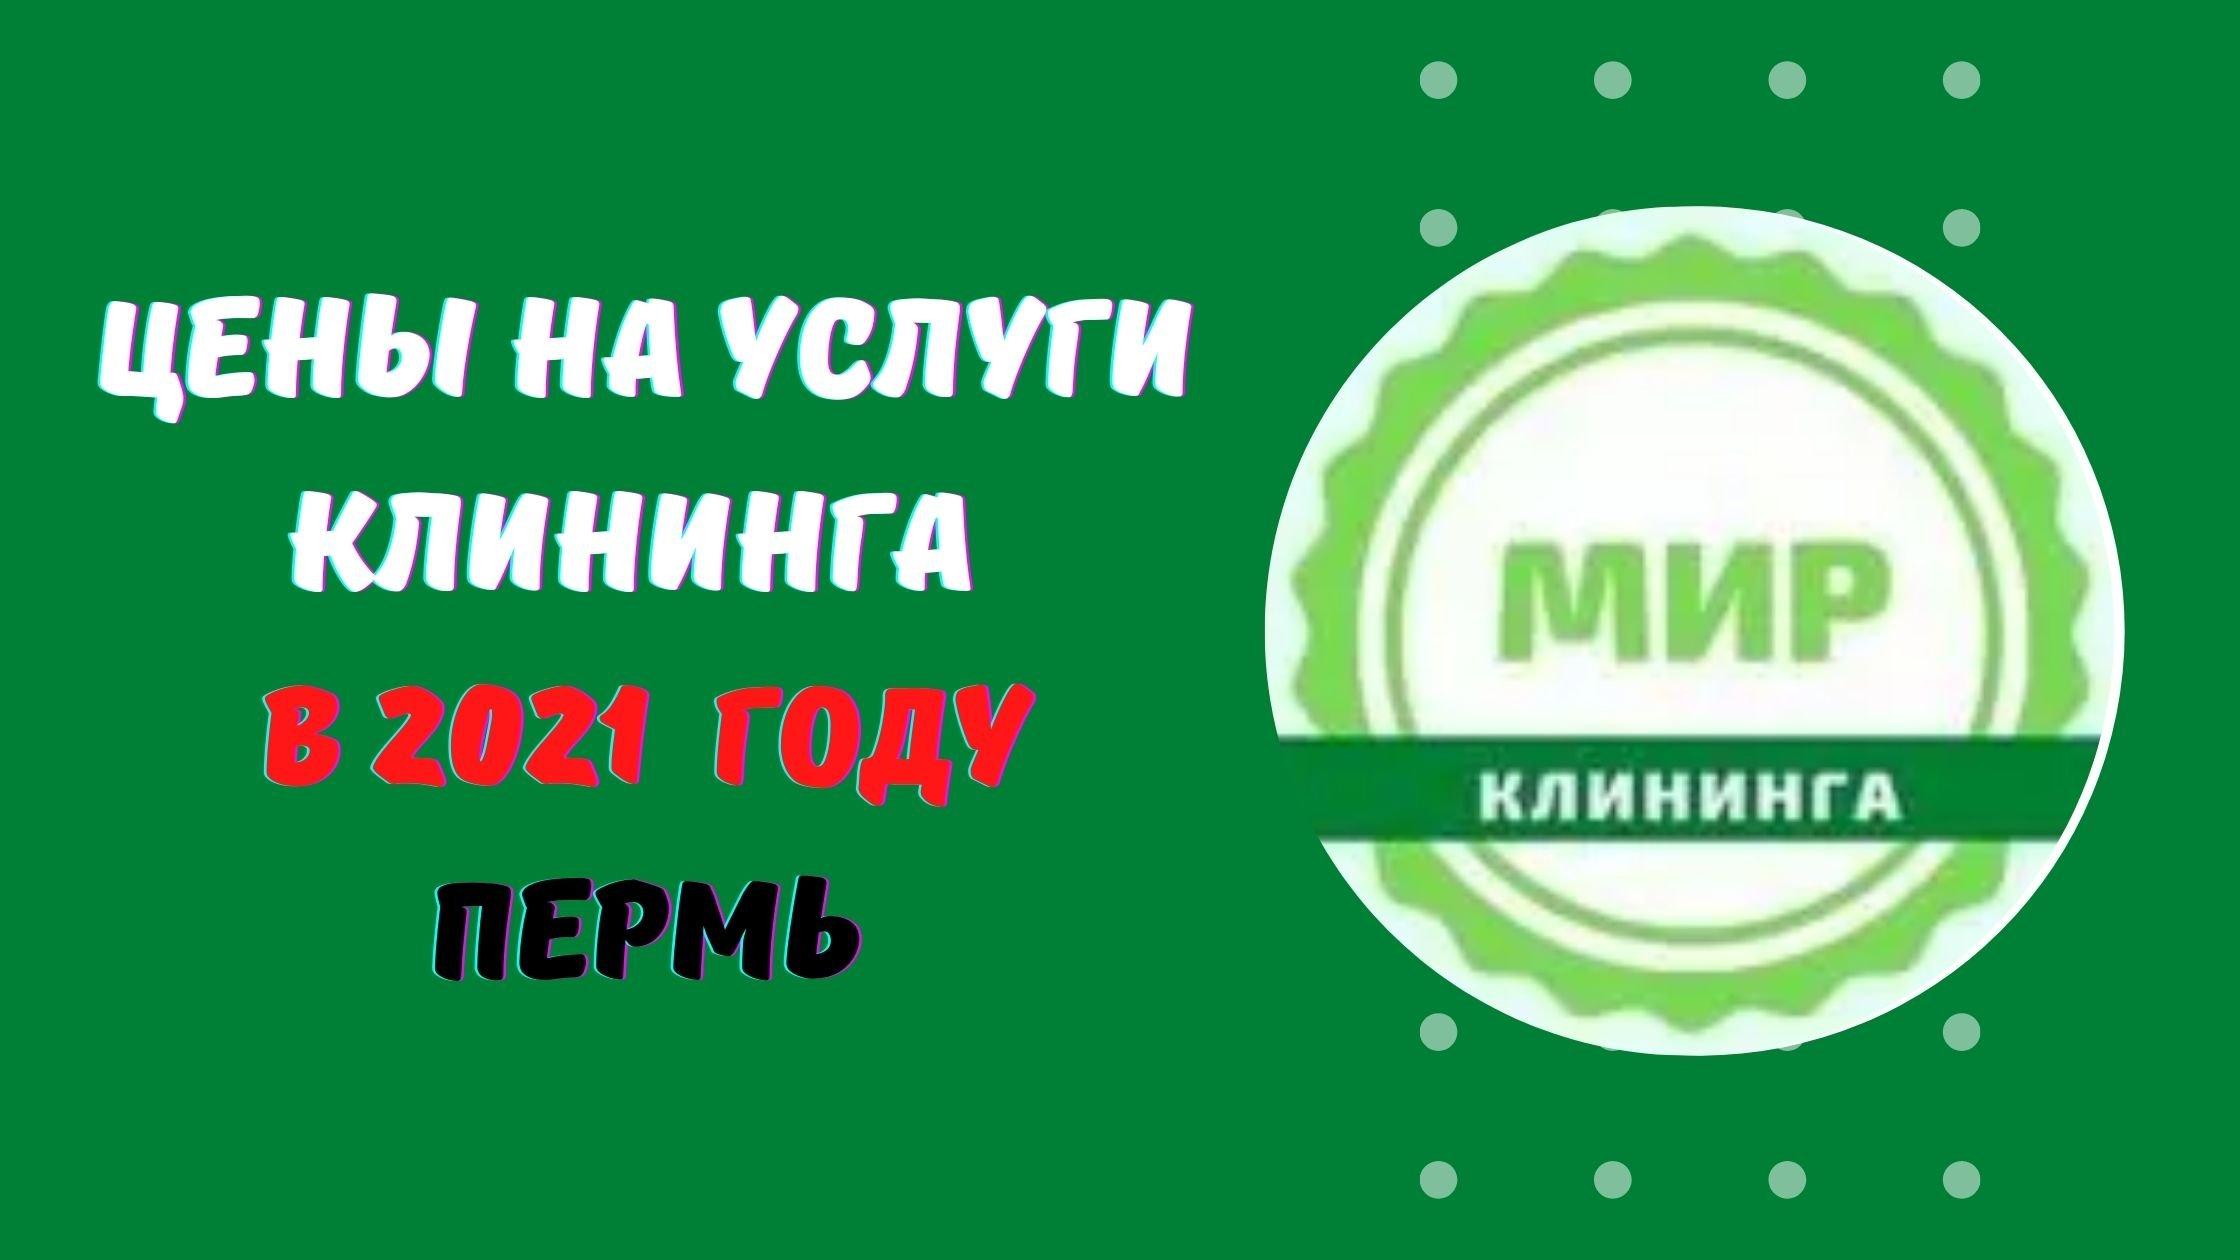 Прайс на клининговые услуги Пермь  ✅ Цены на уборку химчистку